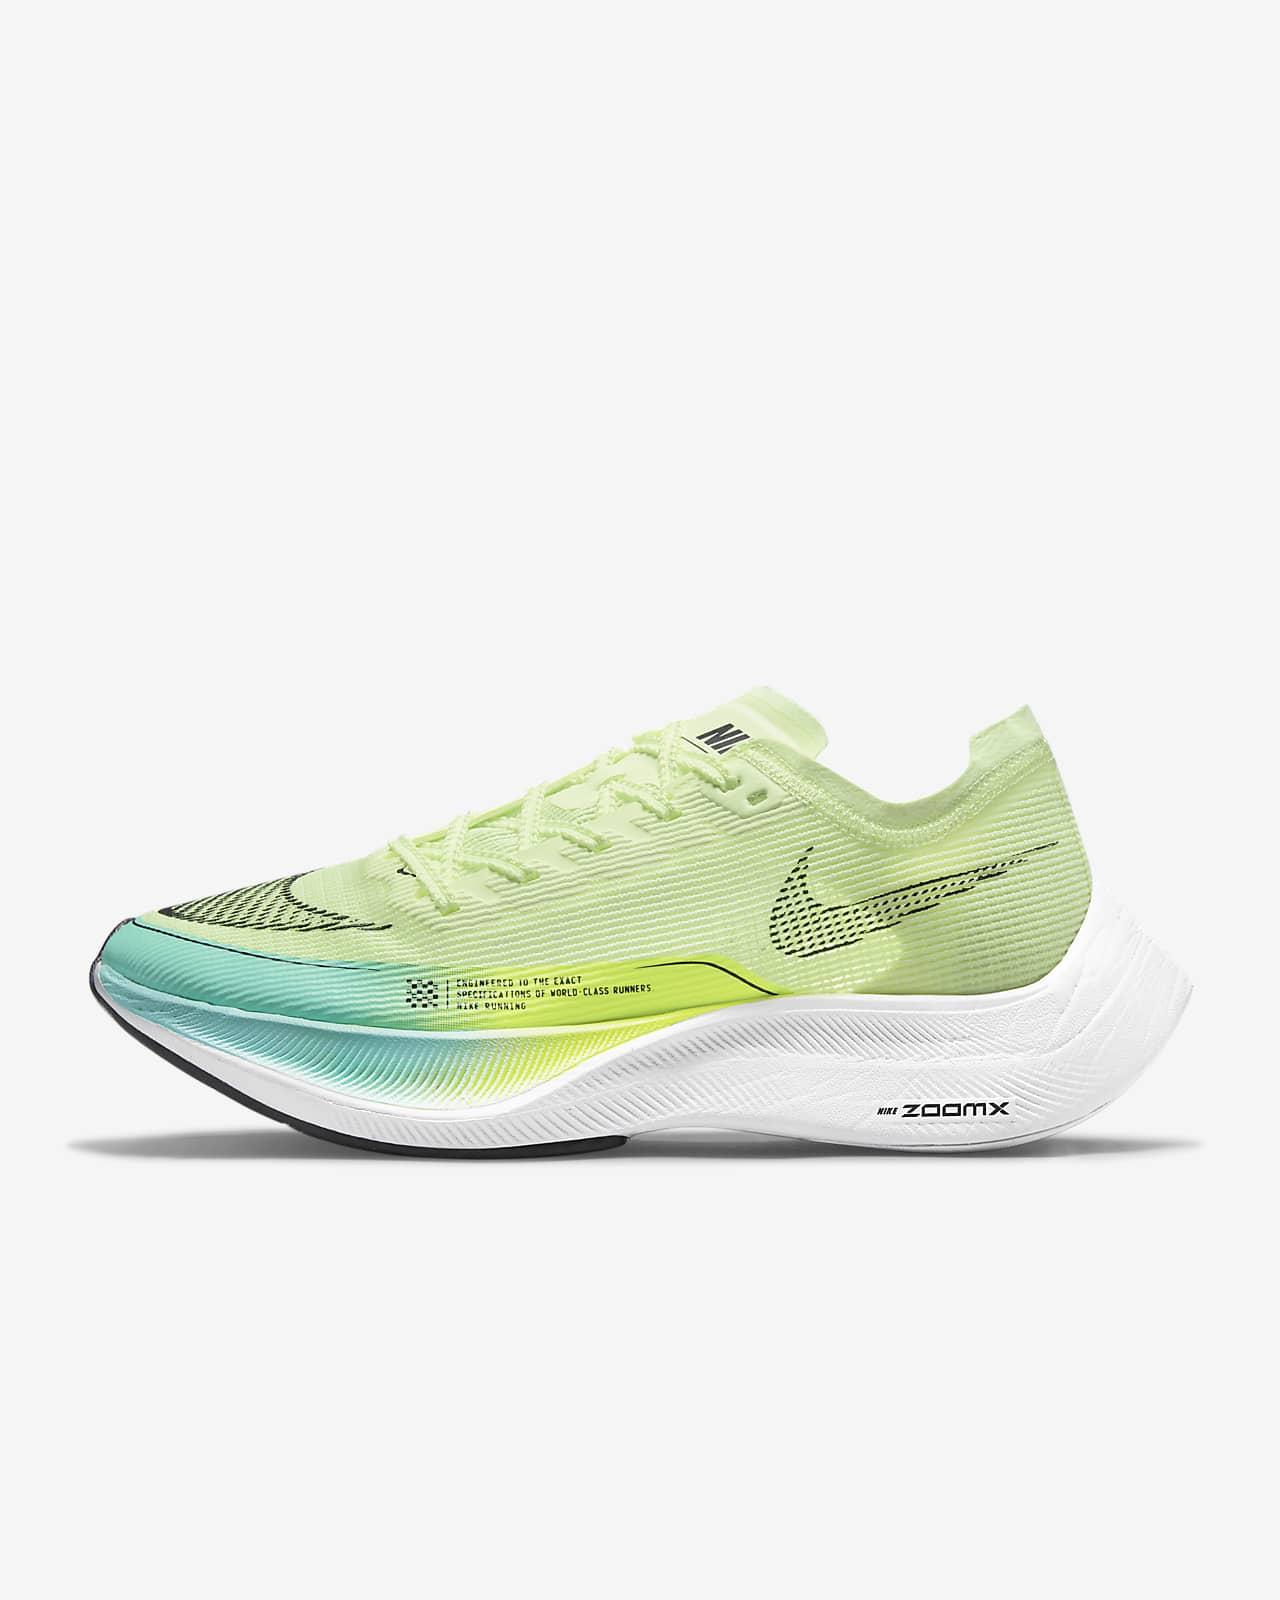 Nike ZoomX Vaporfly Next%2 Zapatillas de competición para asfalto - Mujer